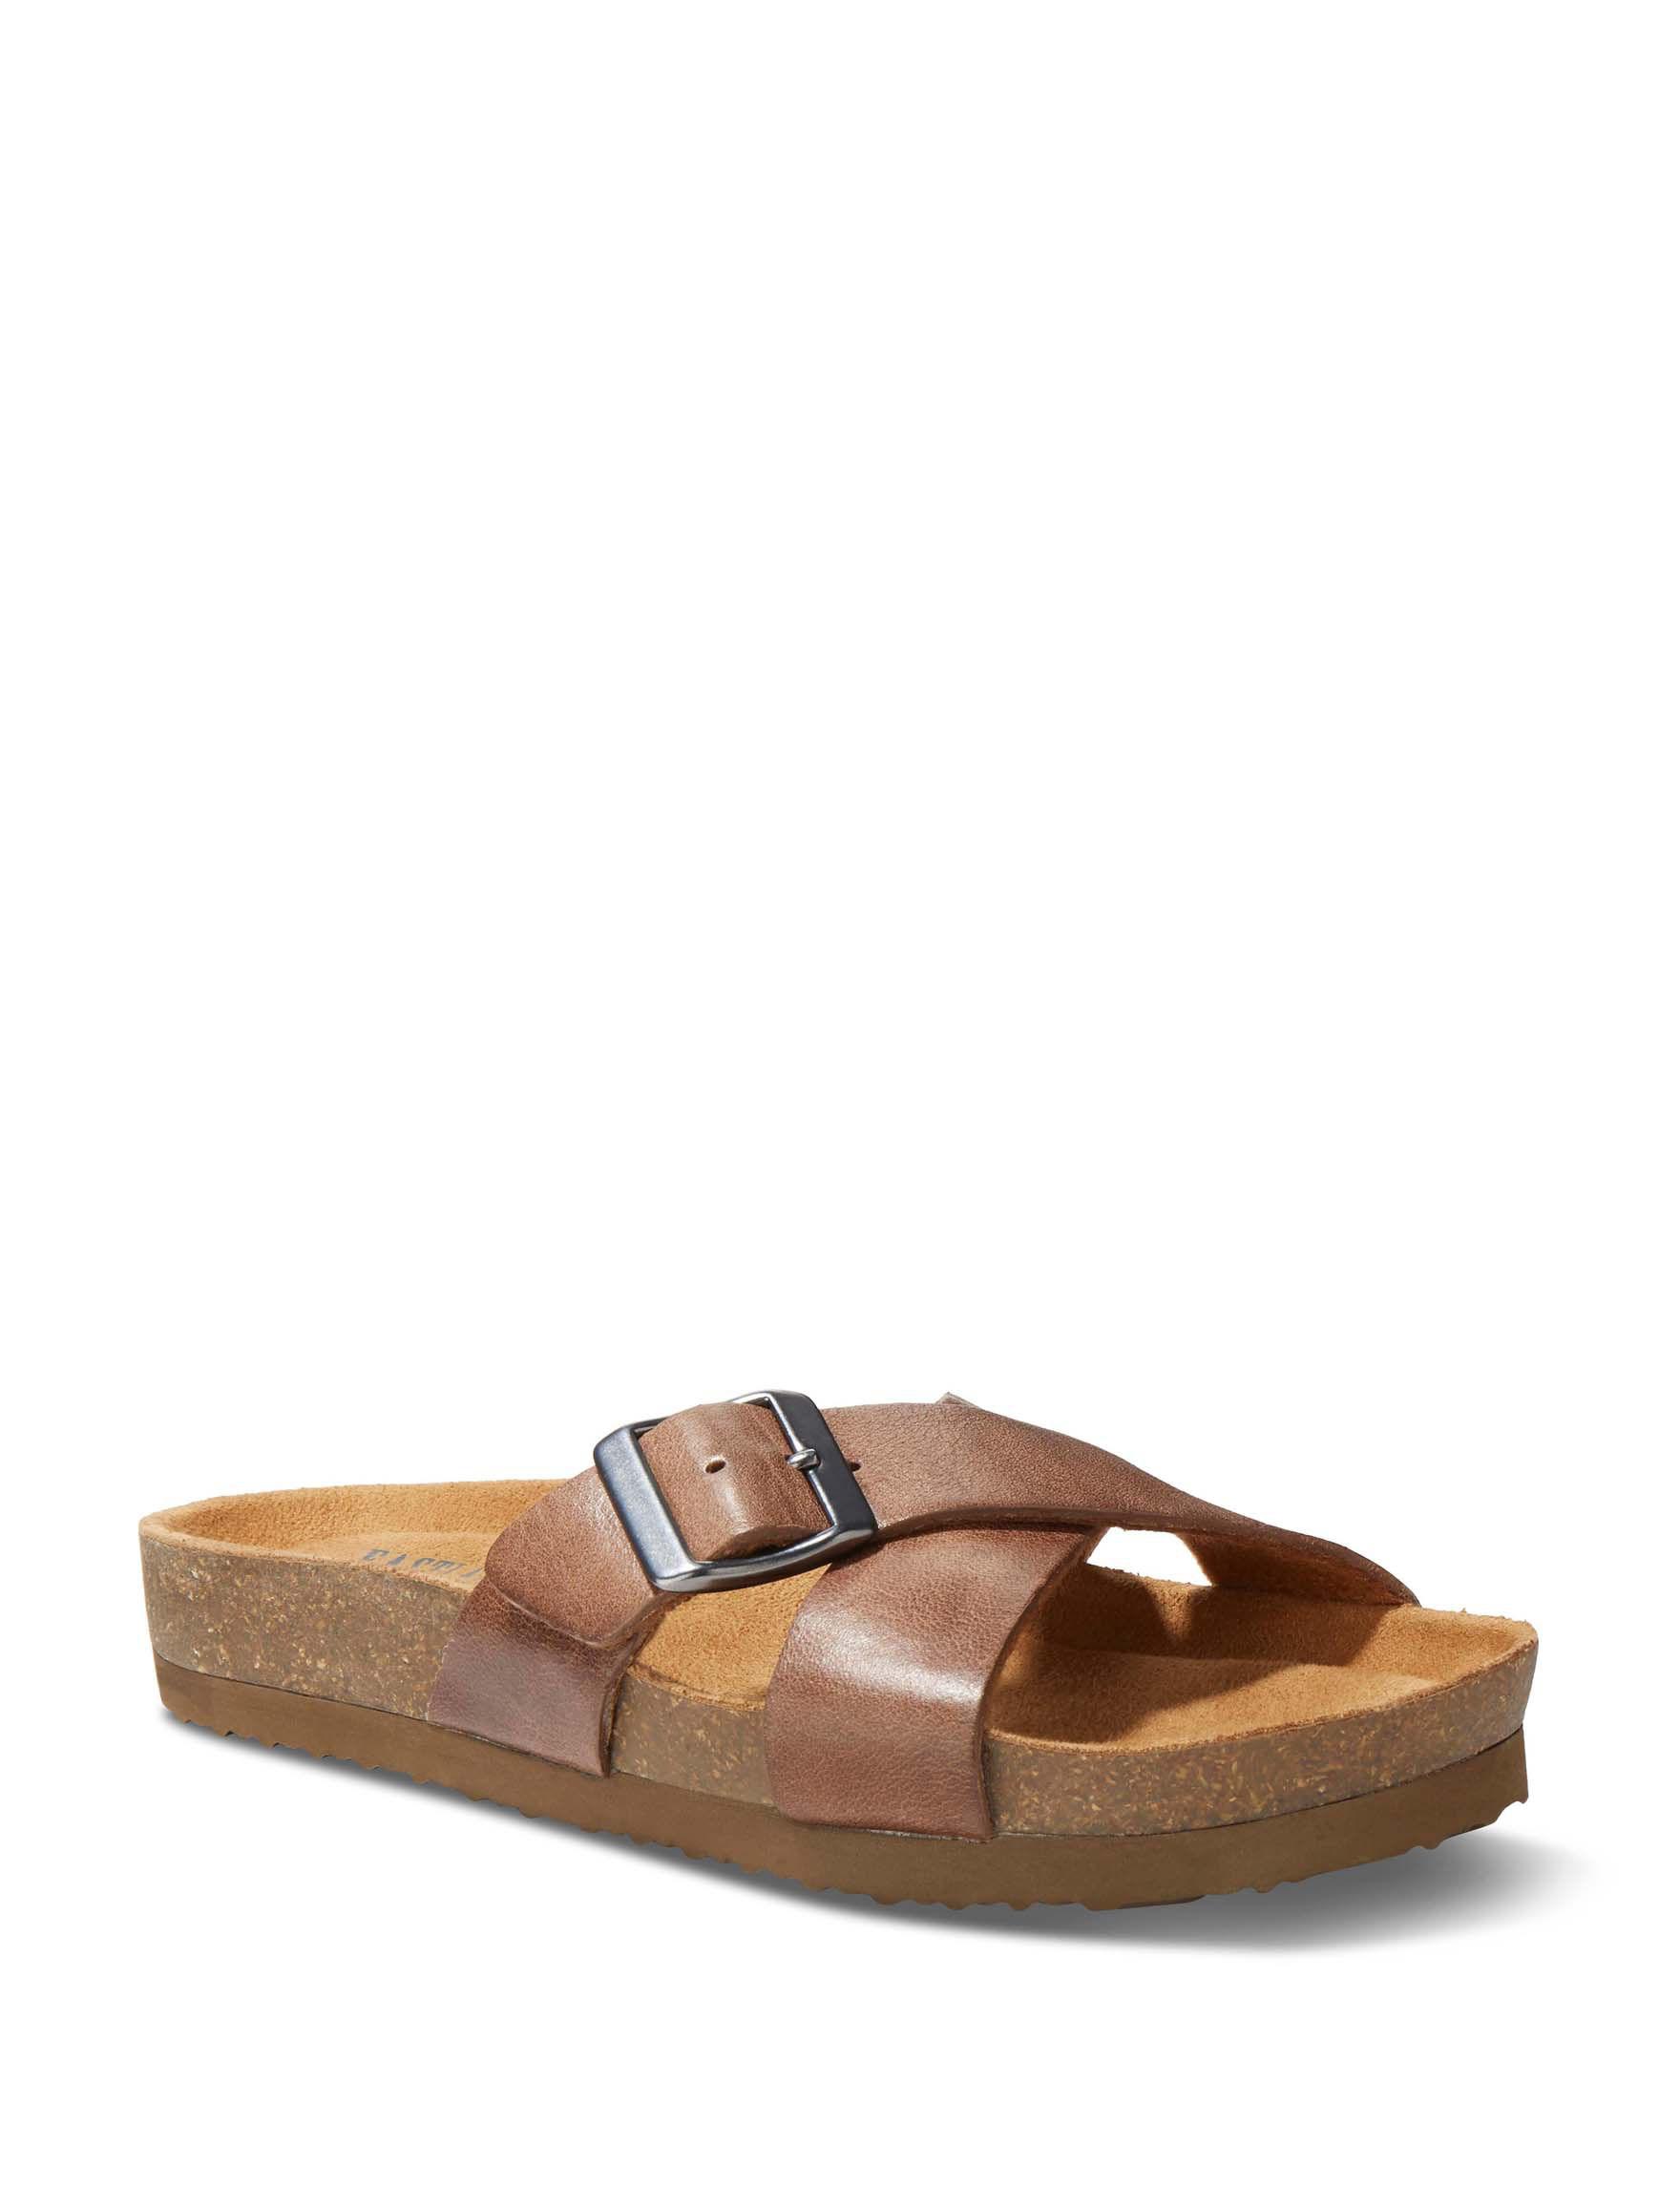 Eastland Brown Flat Sandals Slide Sandals